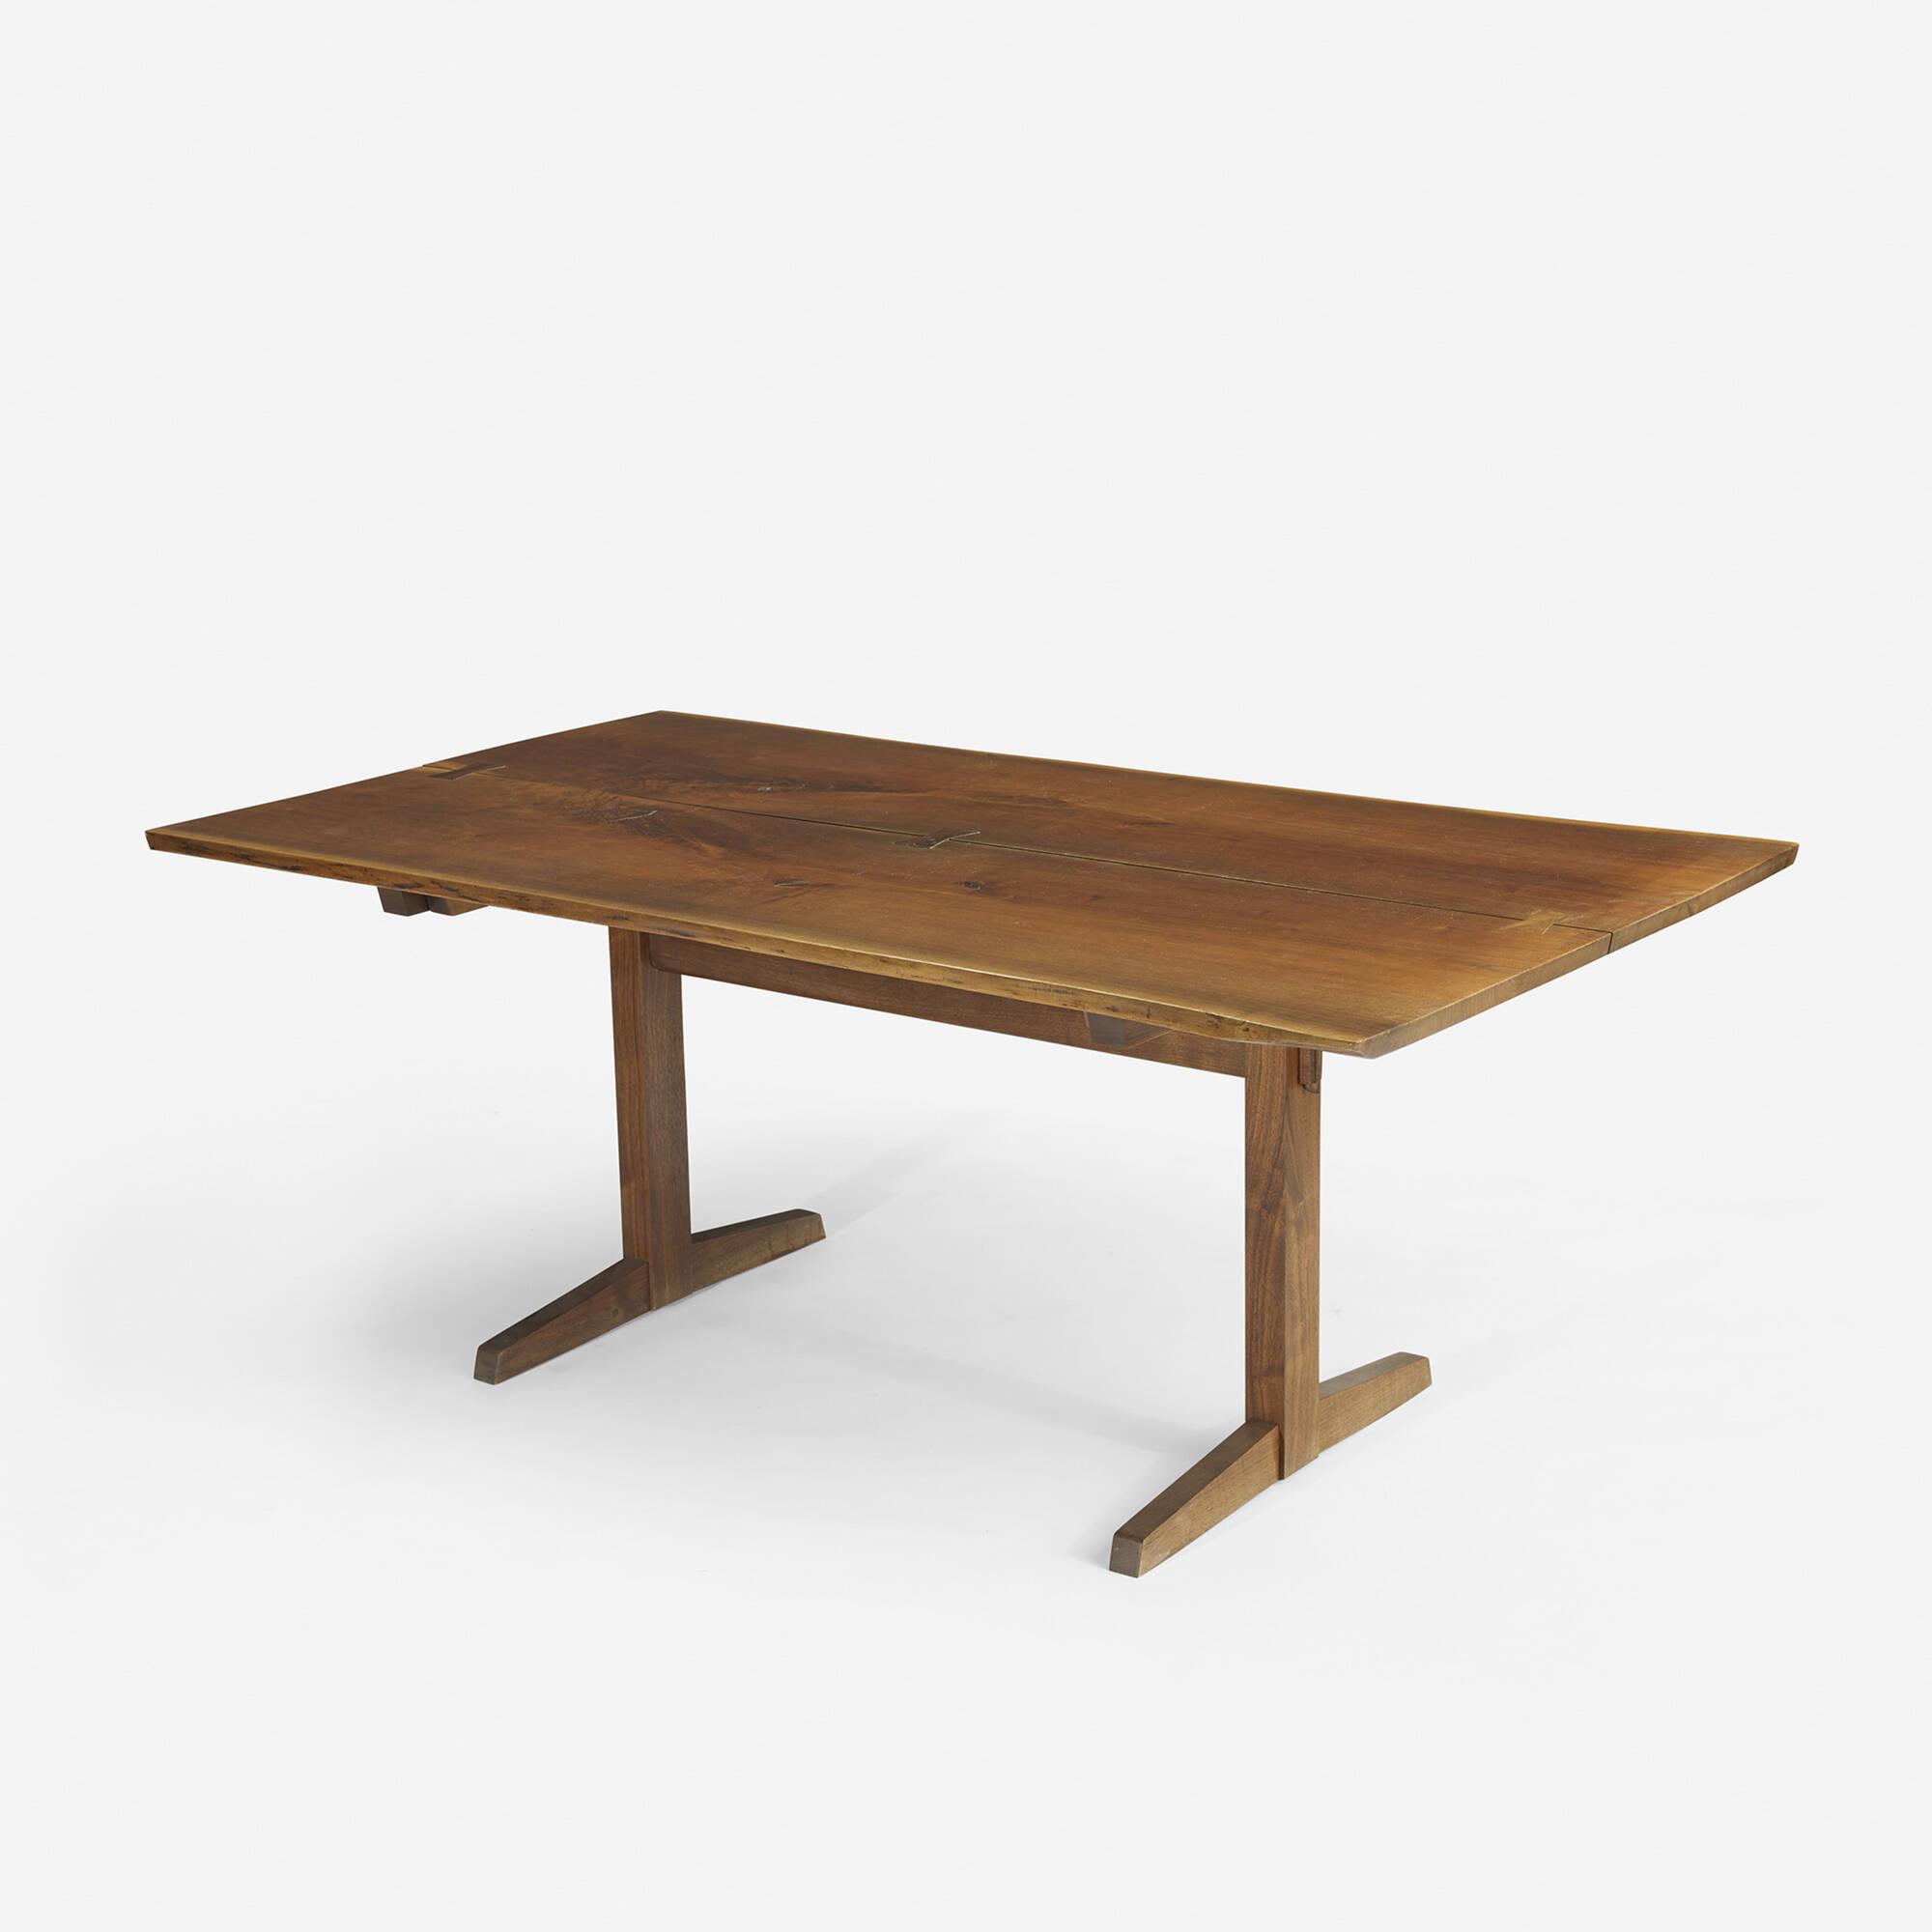 156 George Nakashima Trestle dining table Design 12 June